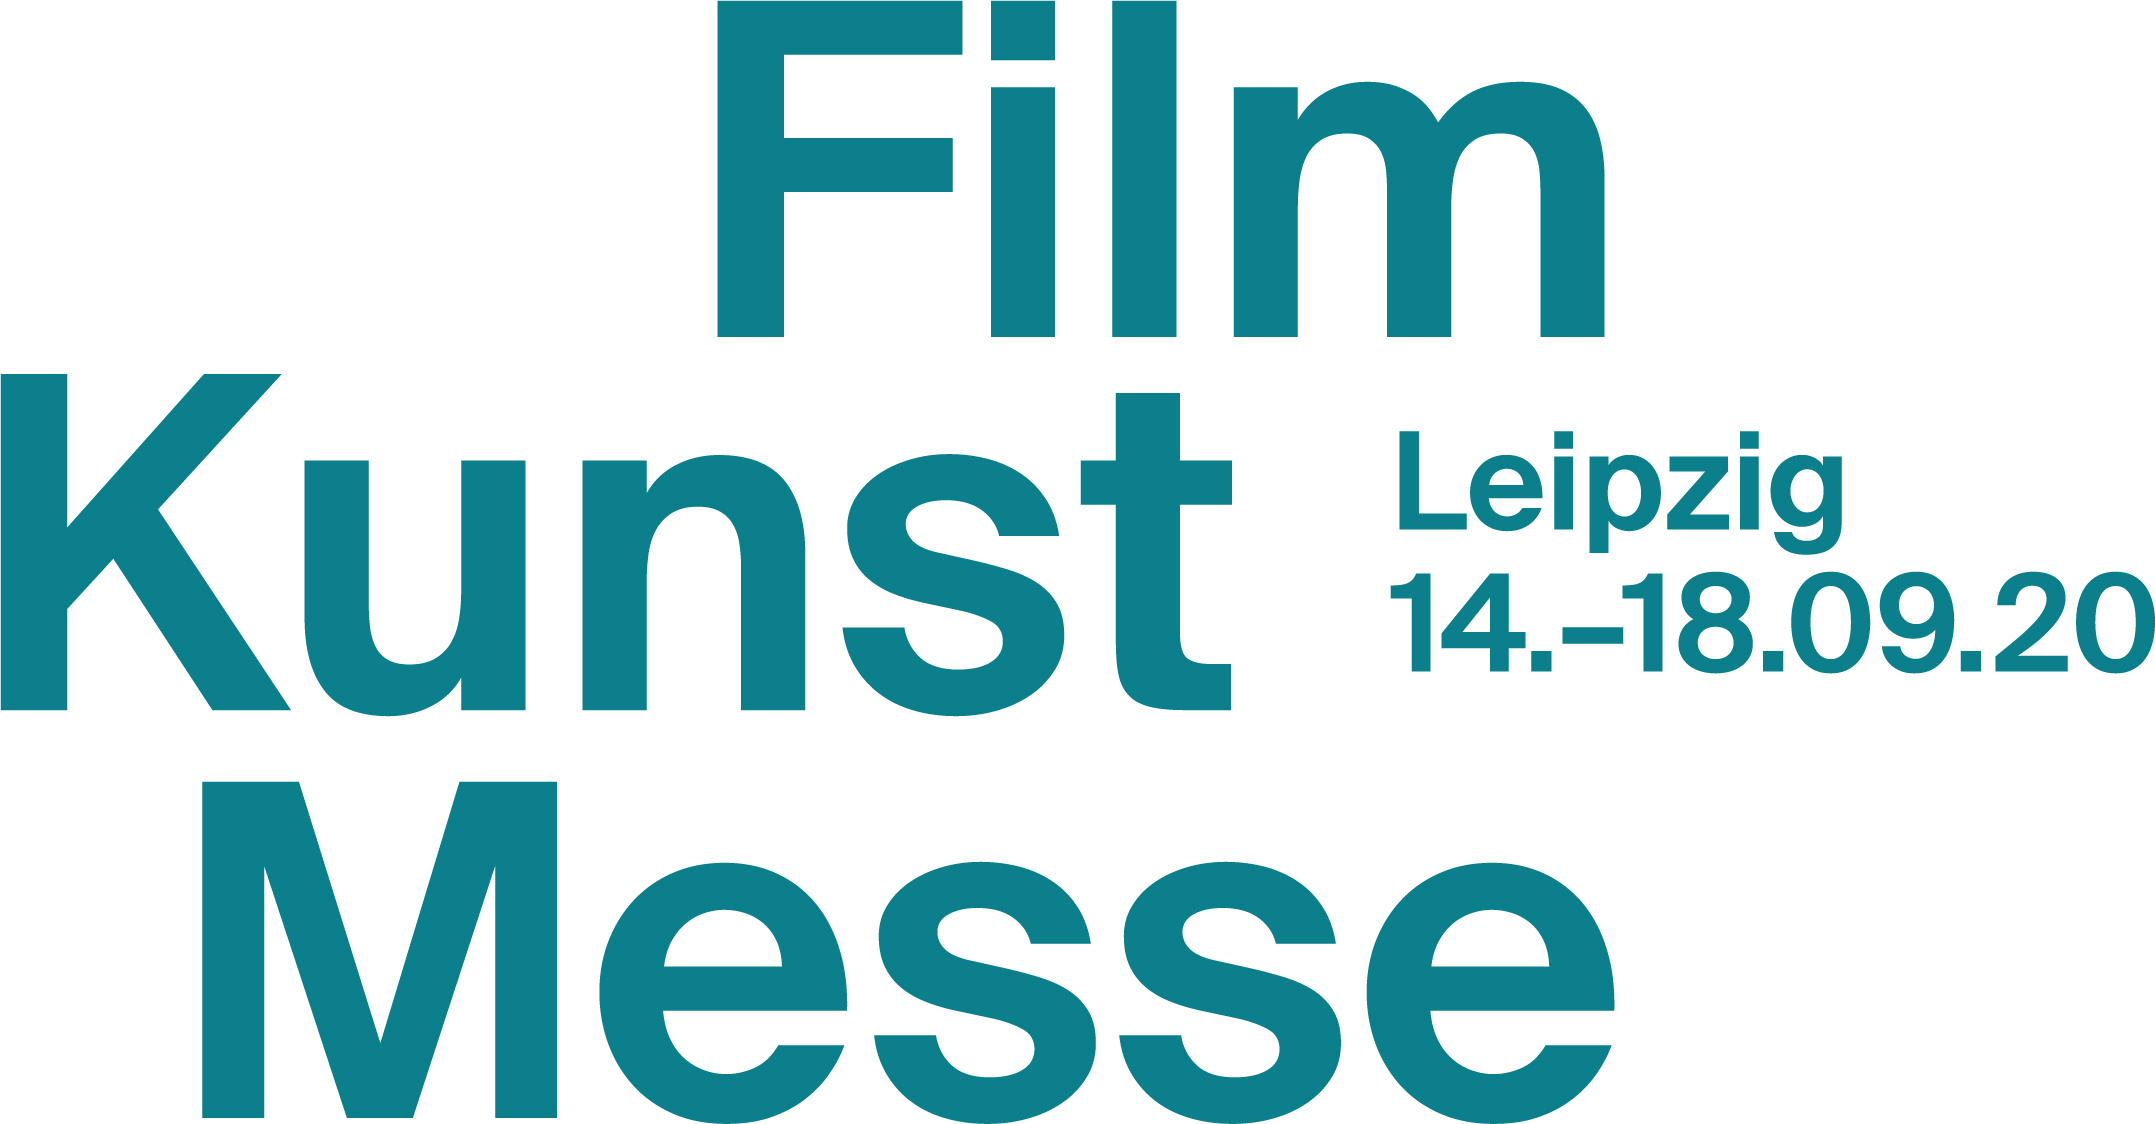 20. Filmkunstmesse findet statt und beginnt schon am Montag, 14.09.2020! Filmanmeldung und Akkreditierung ab sofort möglich